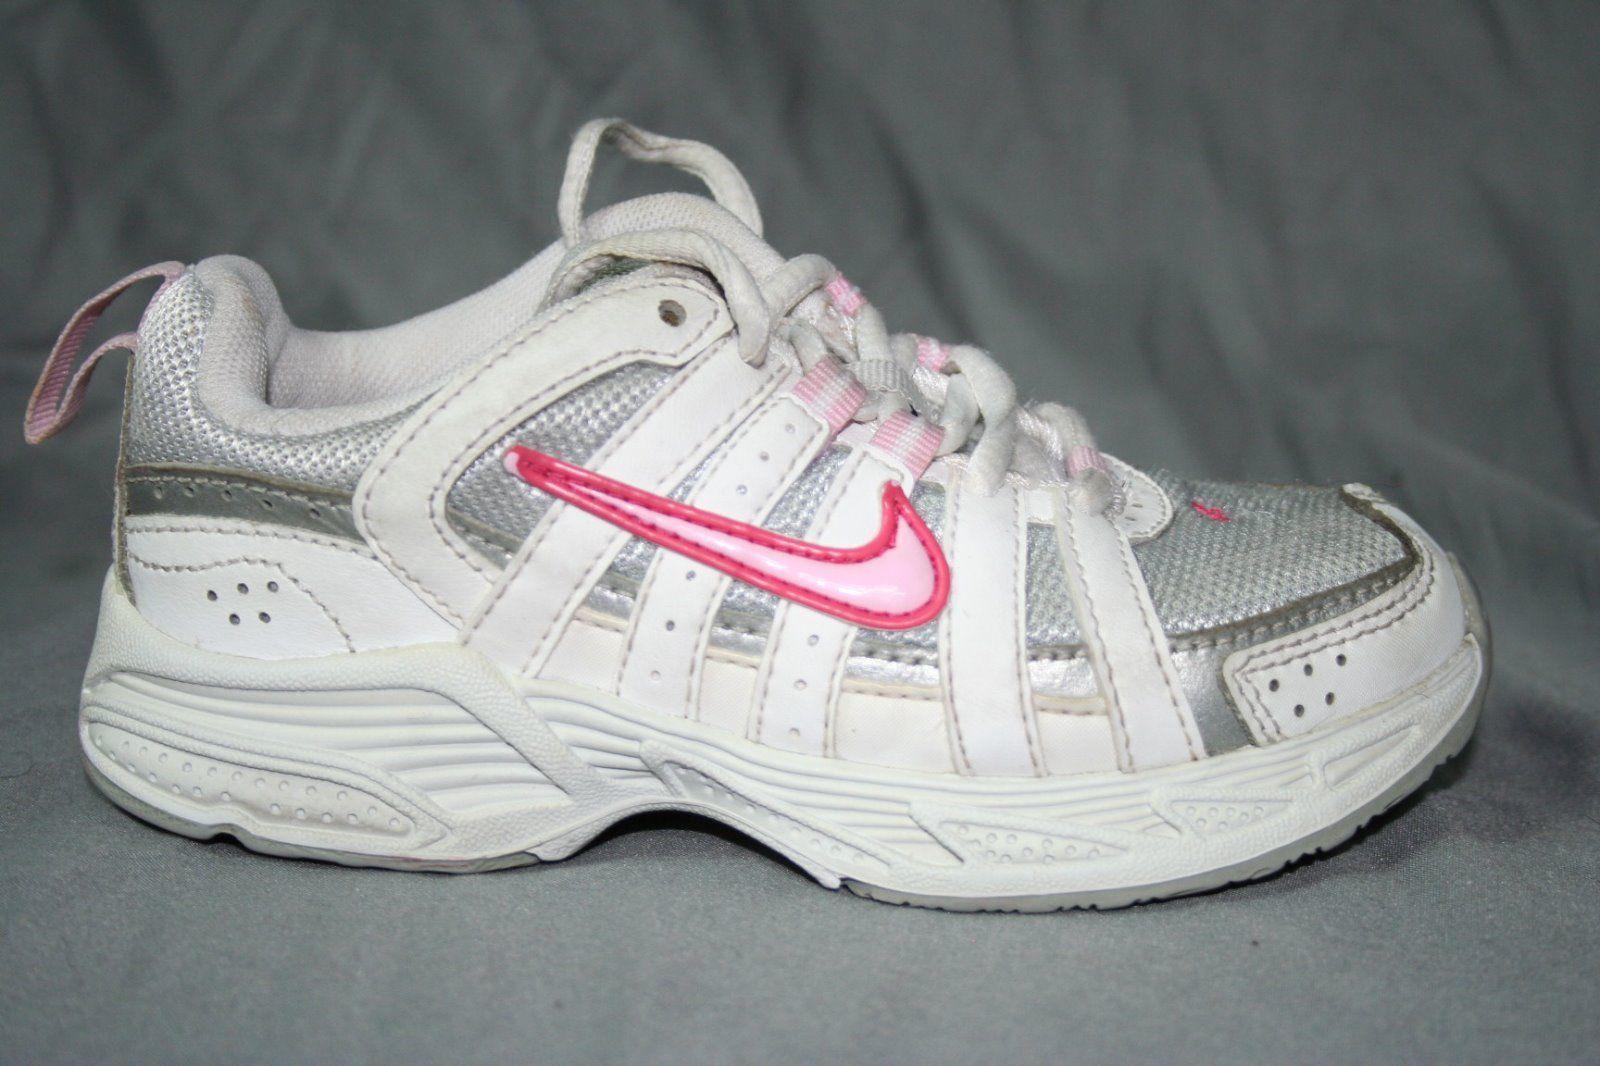 Nike US Size 3 Medium Athletic Shoes for Girls